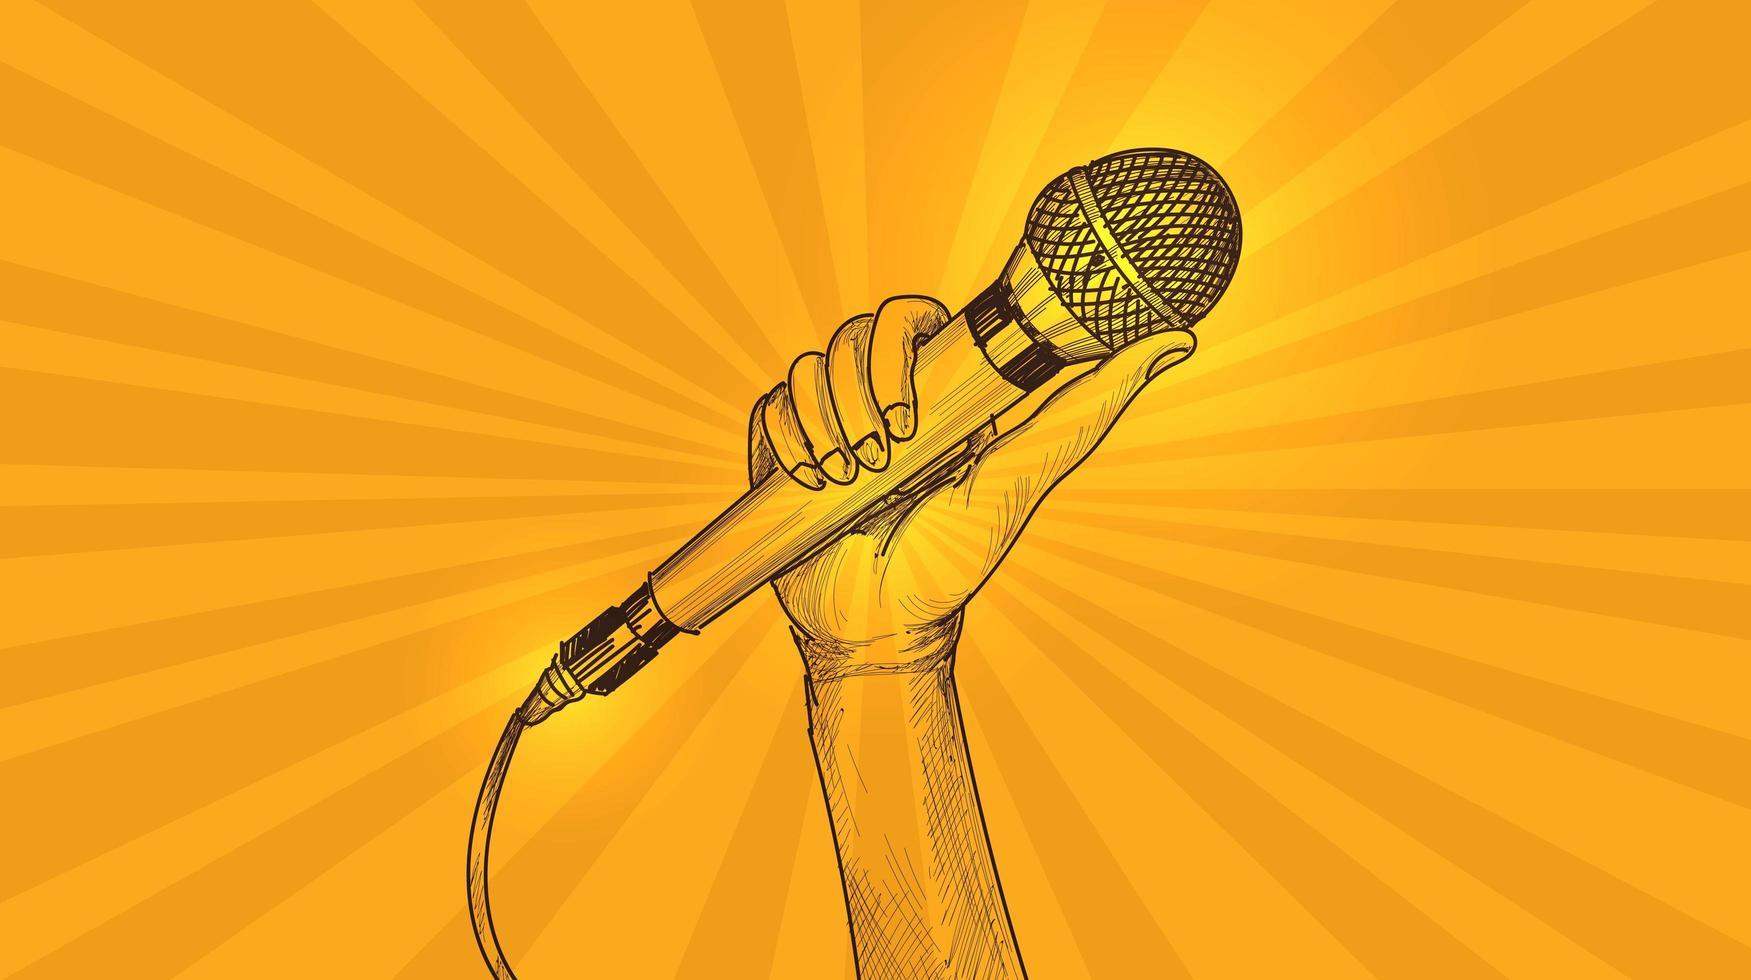 hand met microfoon schets gele achtergrond vector